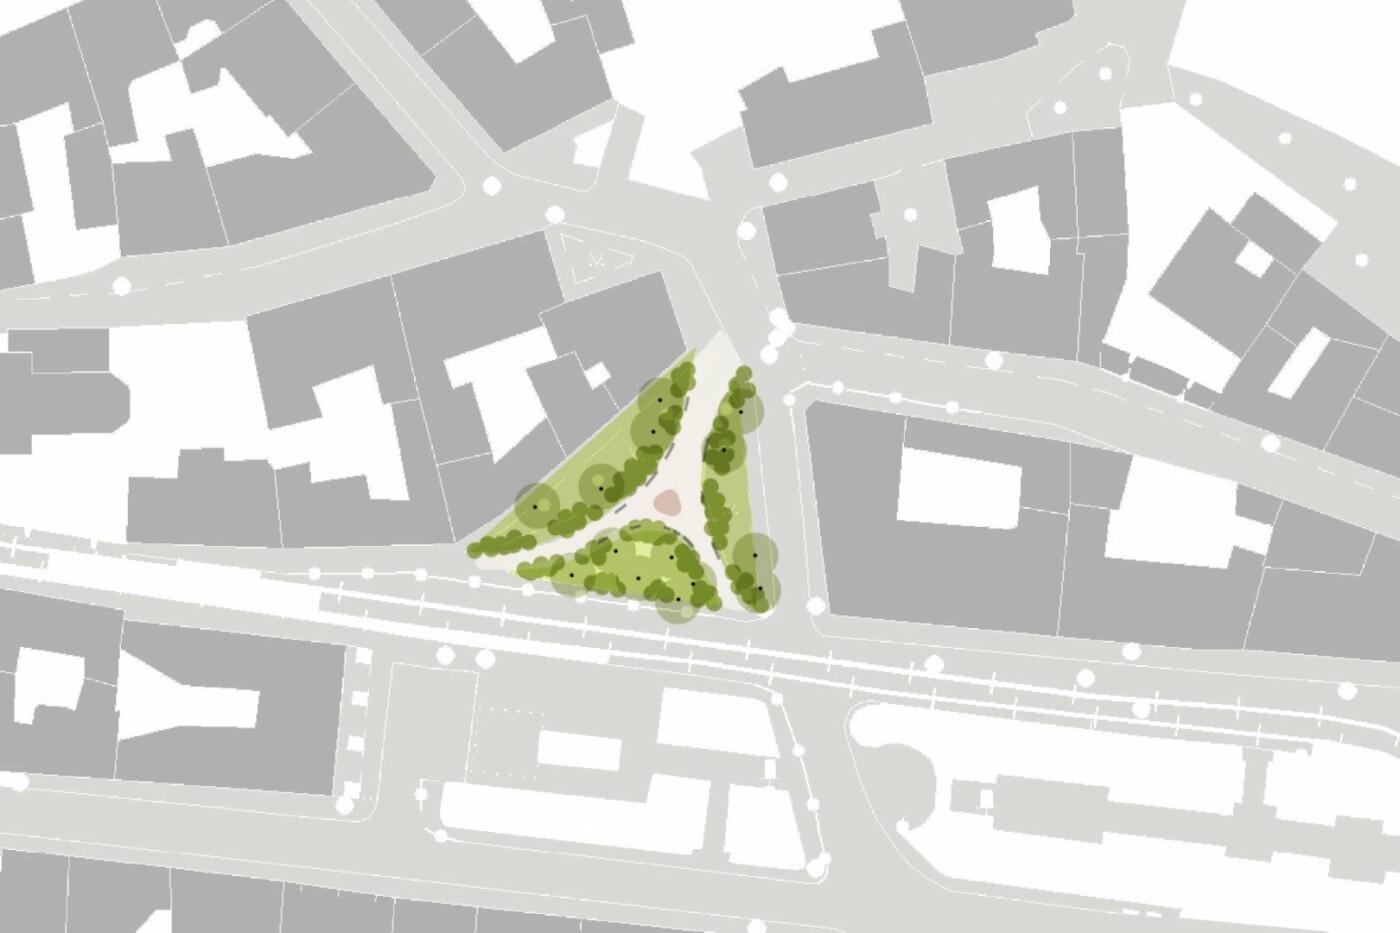 Міжшкільна обсерваторія, ляльковий сквер і пригодницьке містечко: 7 проектів, які хочуть реалізувати  у Галицькому районі, фото-7